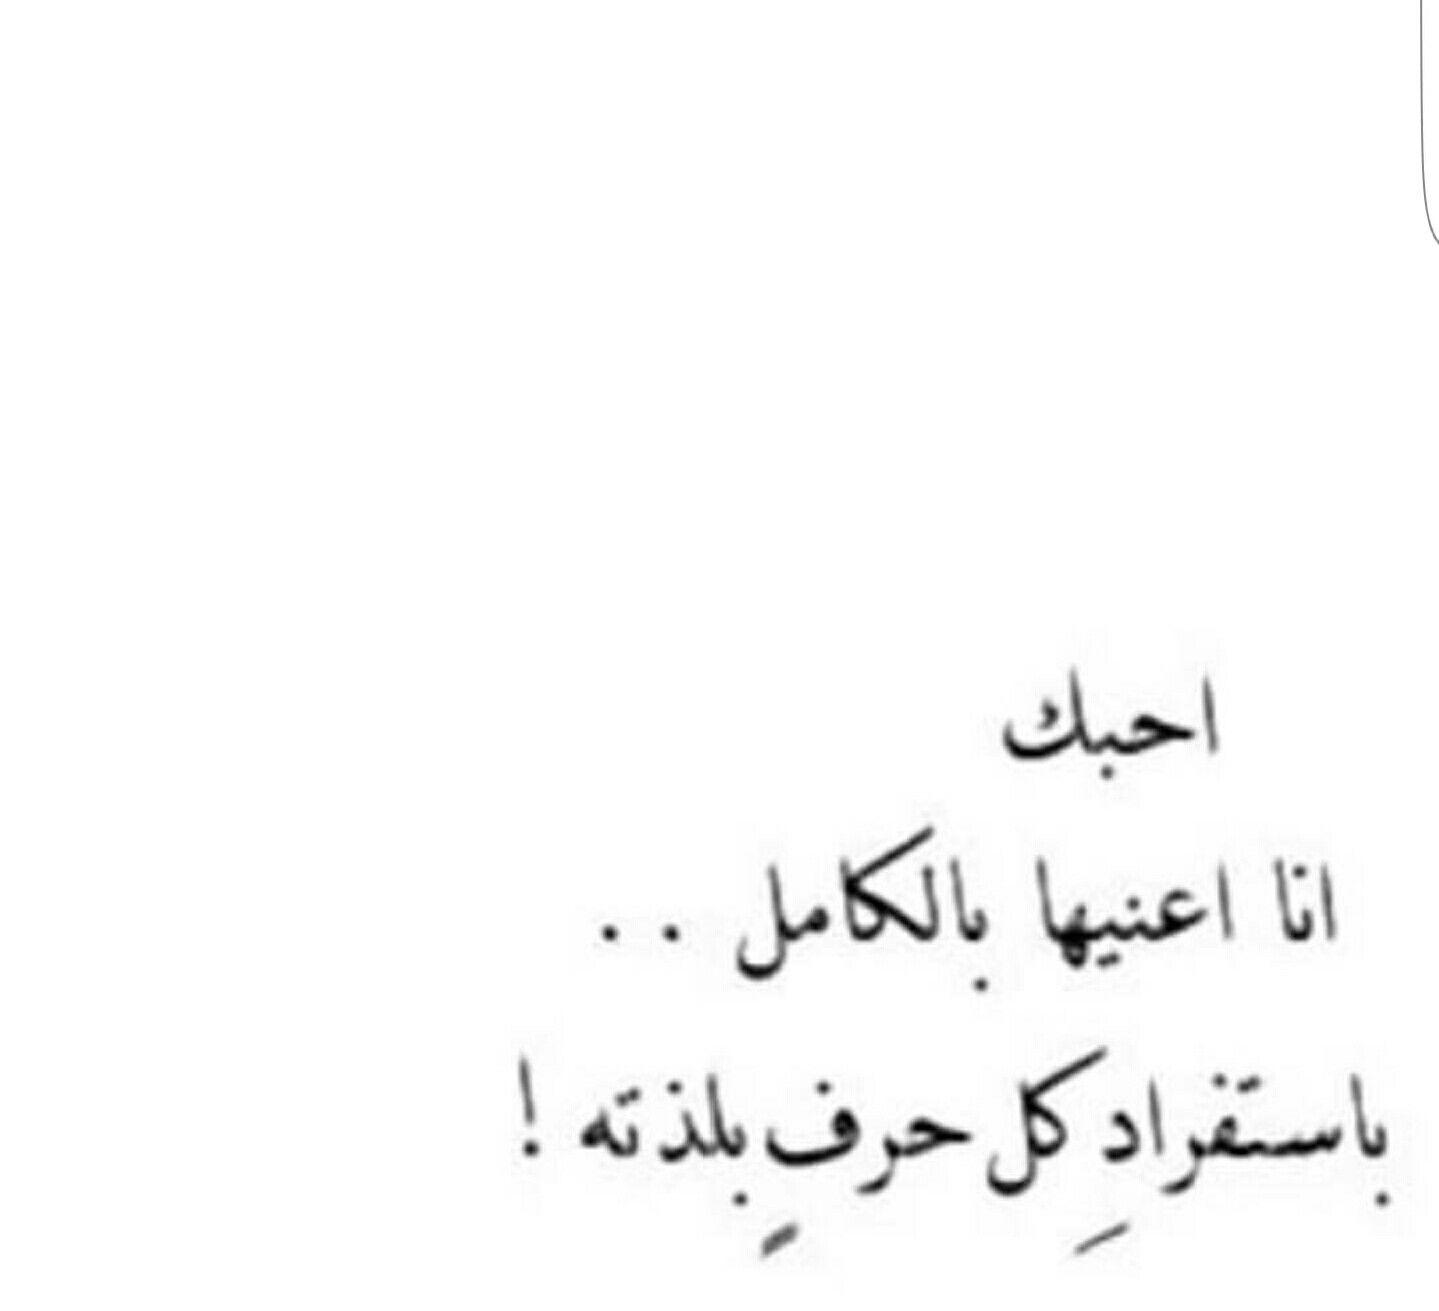 اني والله بكل ما اوتيت من قوة أحبـك Romantic Quotes Love Words Arabic Quotes